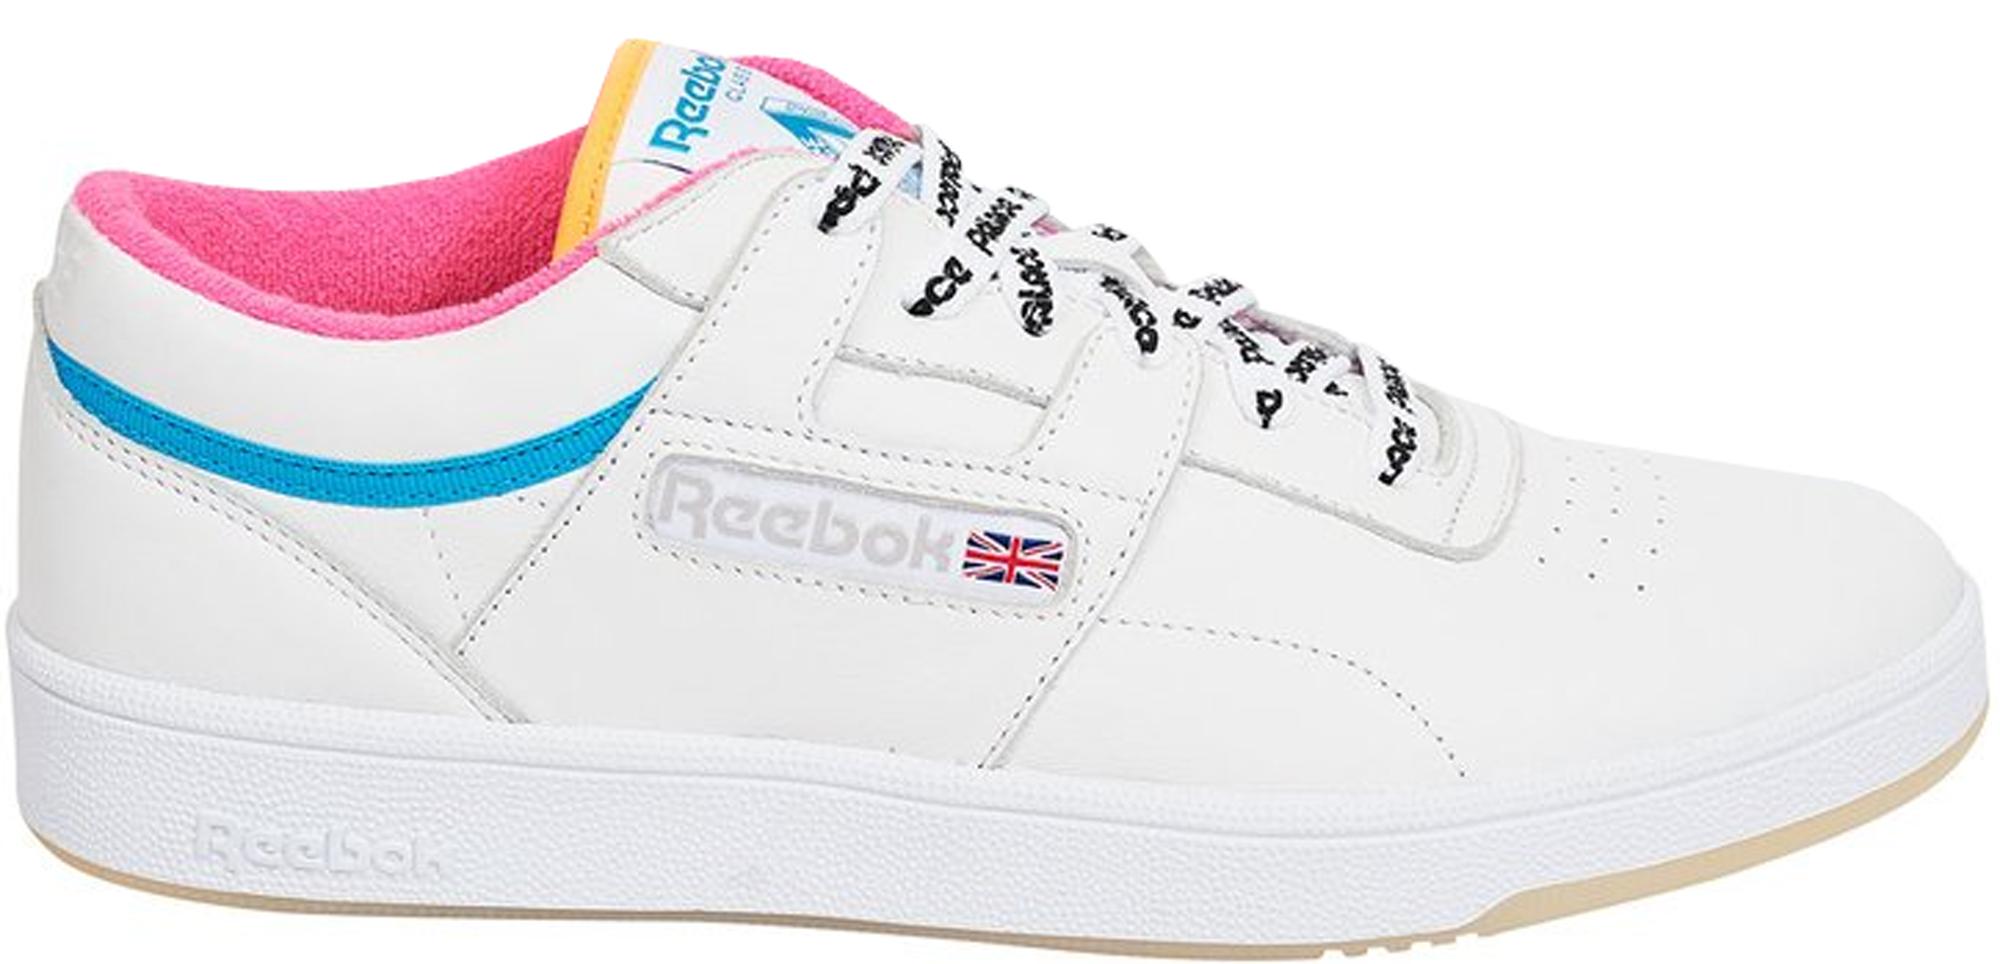 palace x reebok shoes